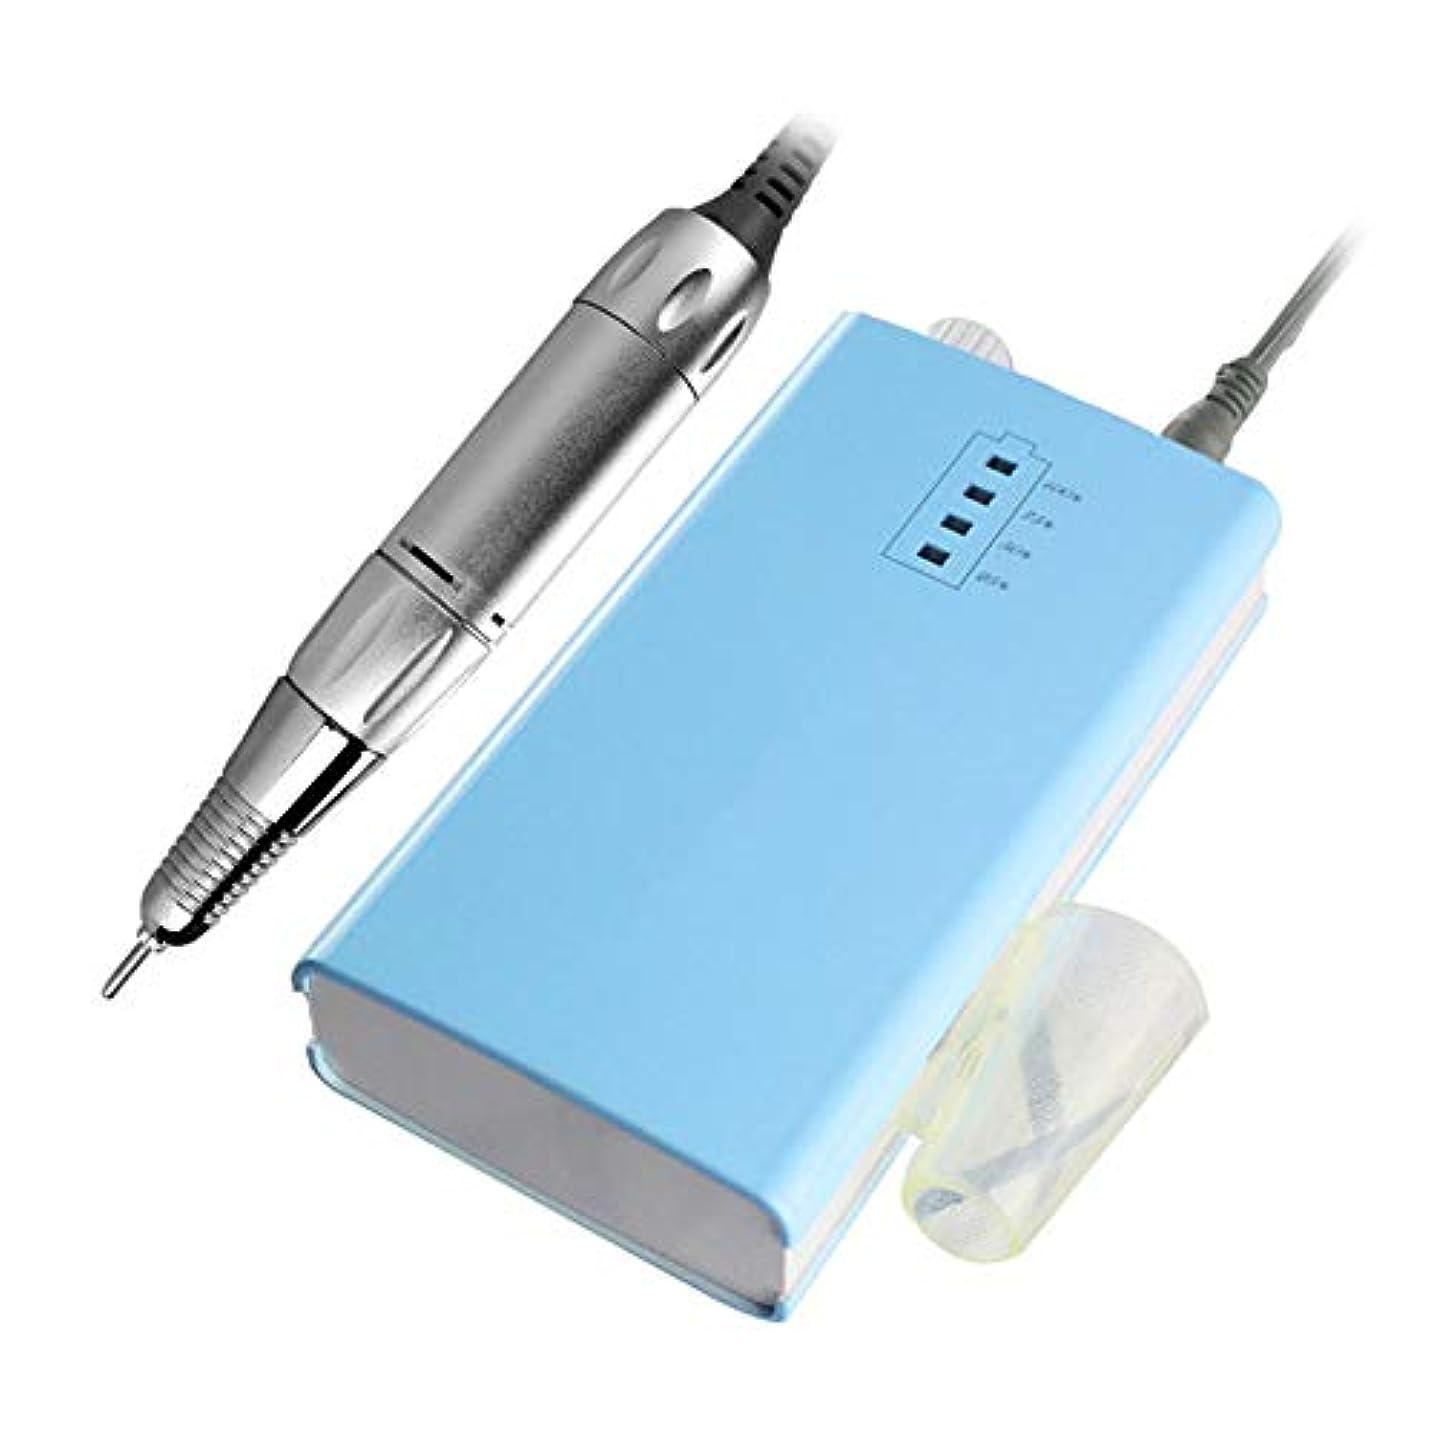 継続中最悪鋸歯状30000RPM ネイルマニキュアドリルマシンアクリル電気マニキュア装置爪のためのポータブルネイルアート機器の装飾,ブルー